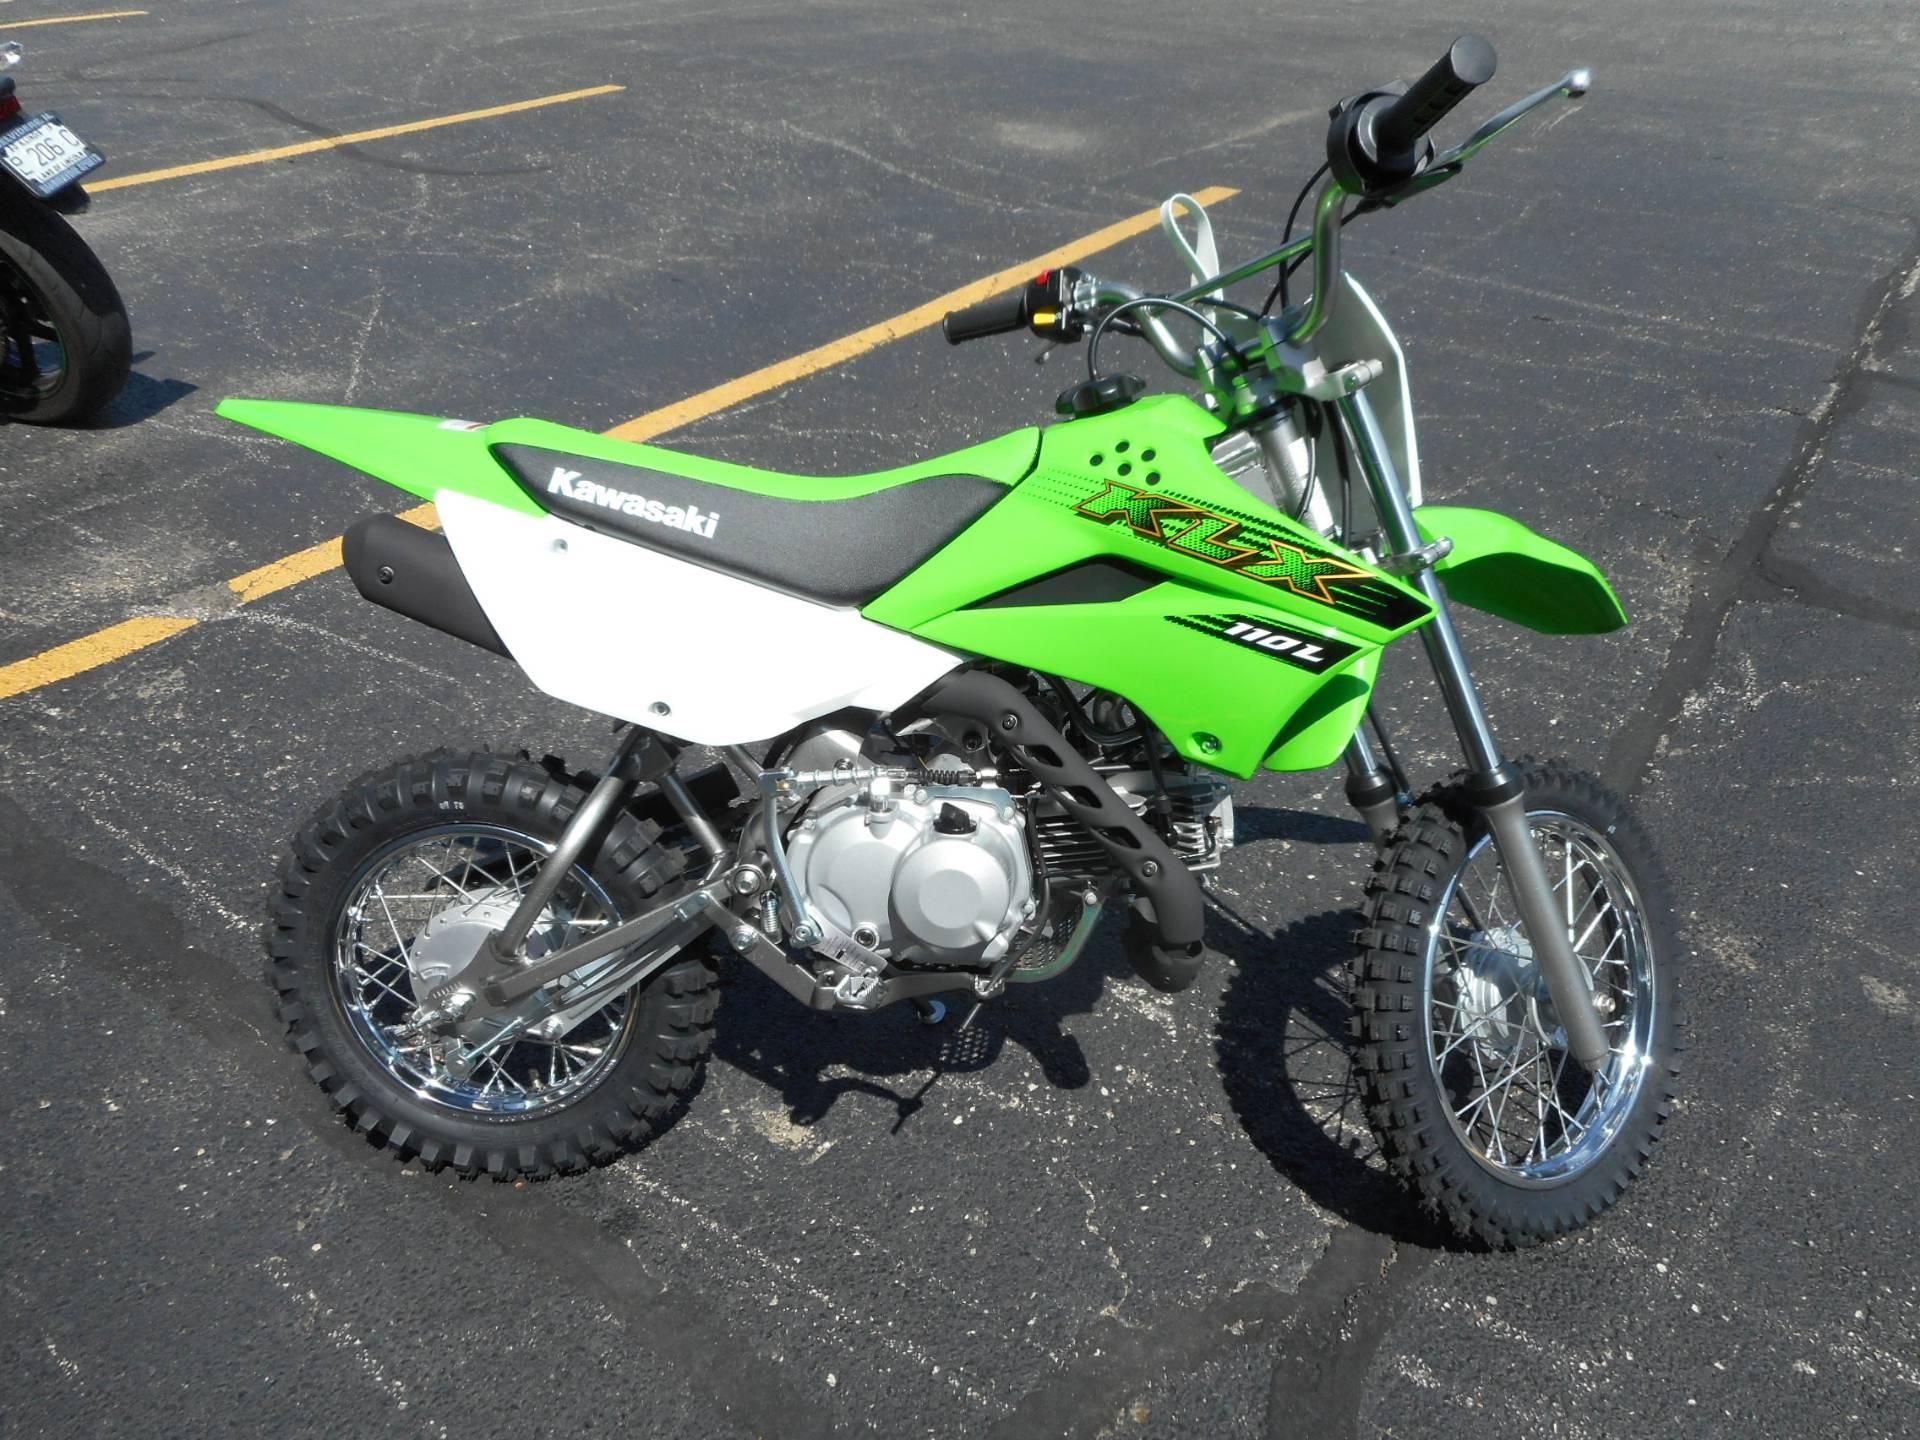 2020 Kawasaki KLX 110L in Belvidere, Illinois on